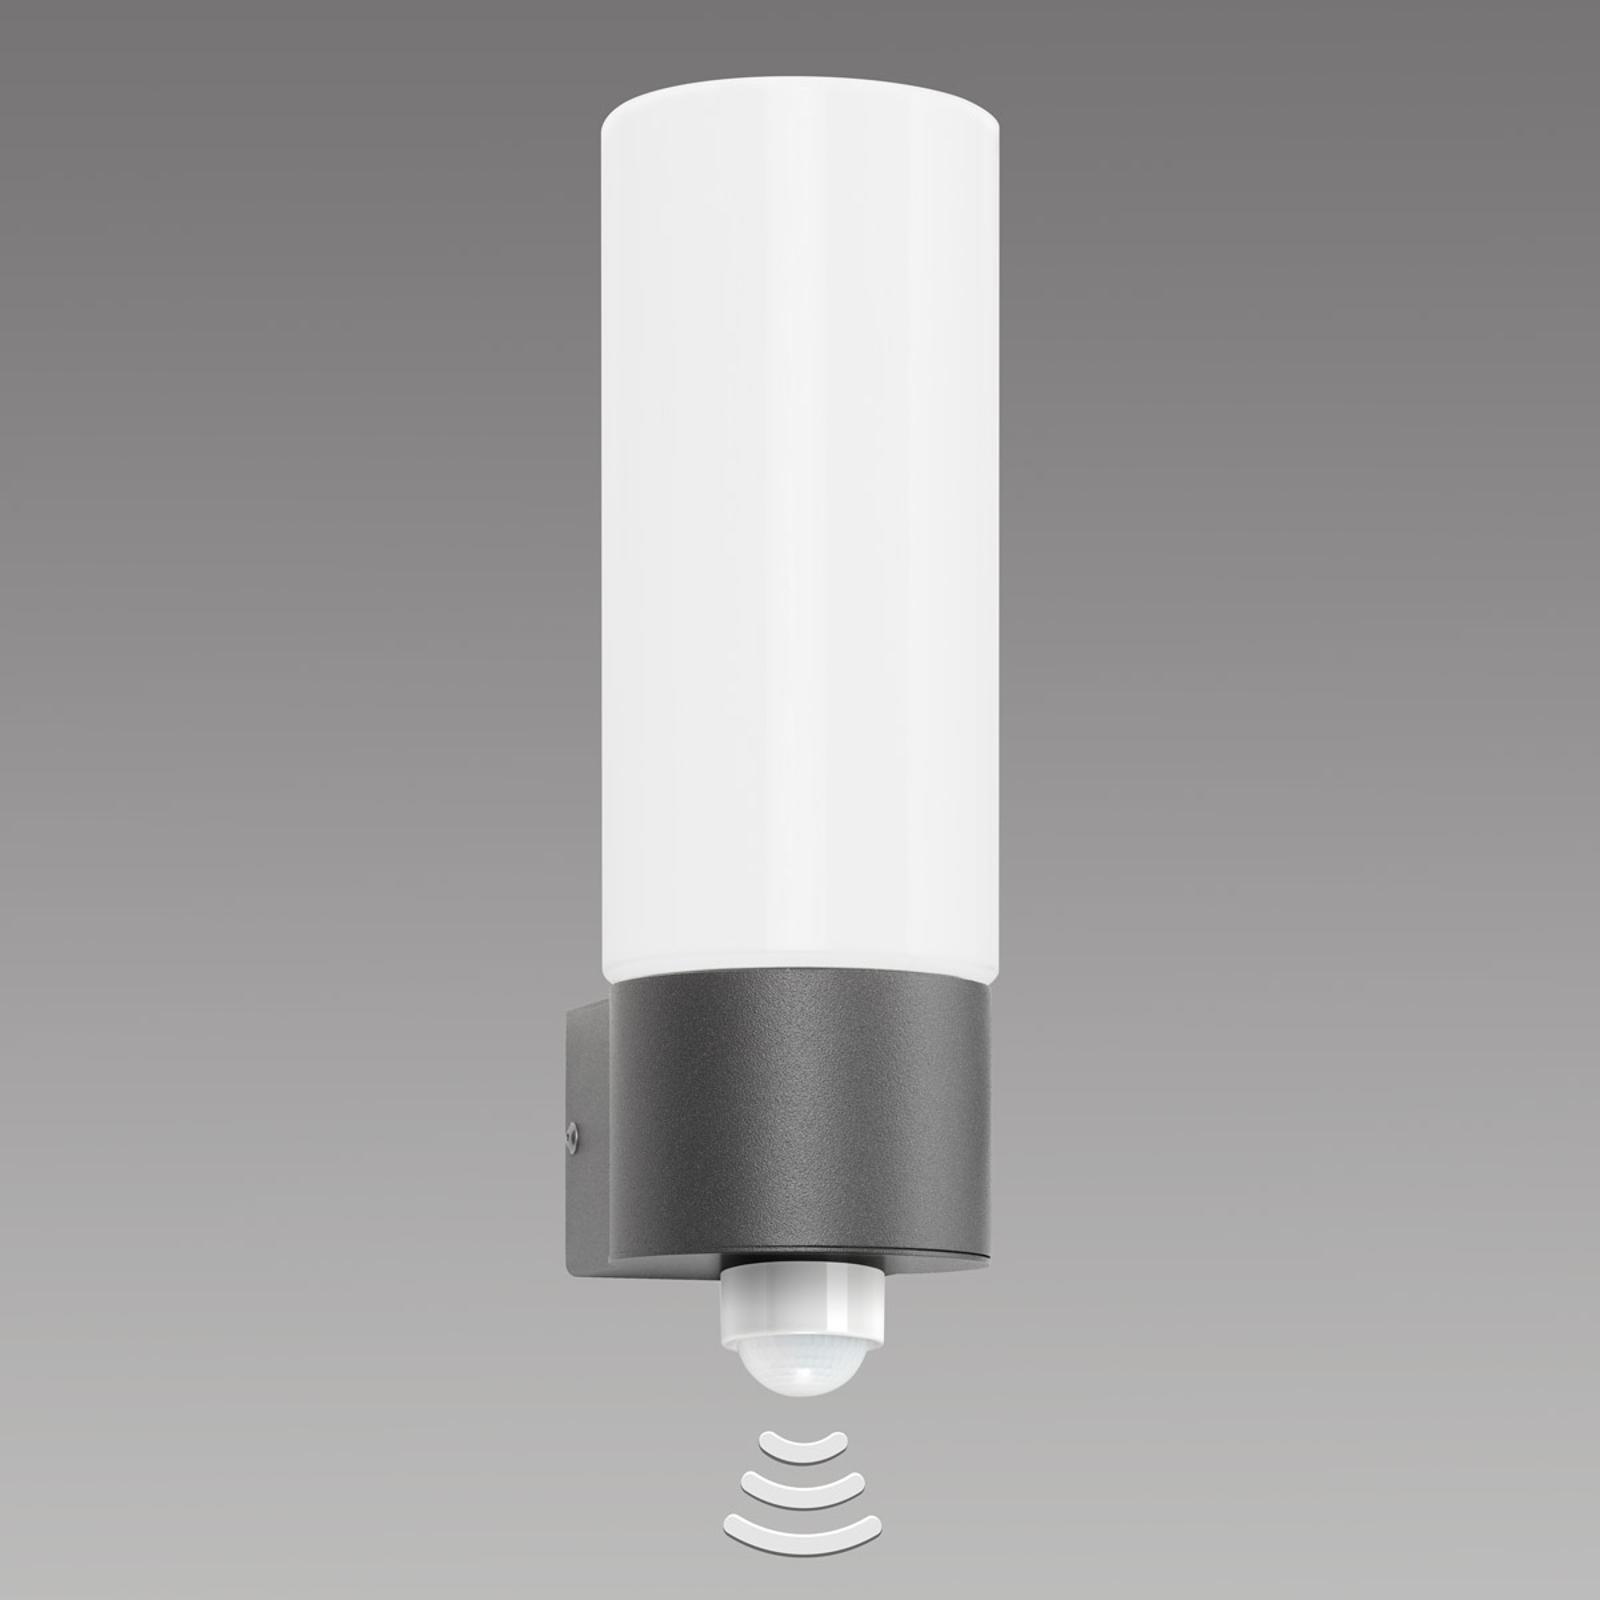 Opalglas-Außenwandleuchte Gray, mit Sensor